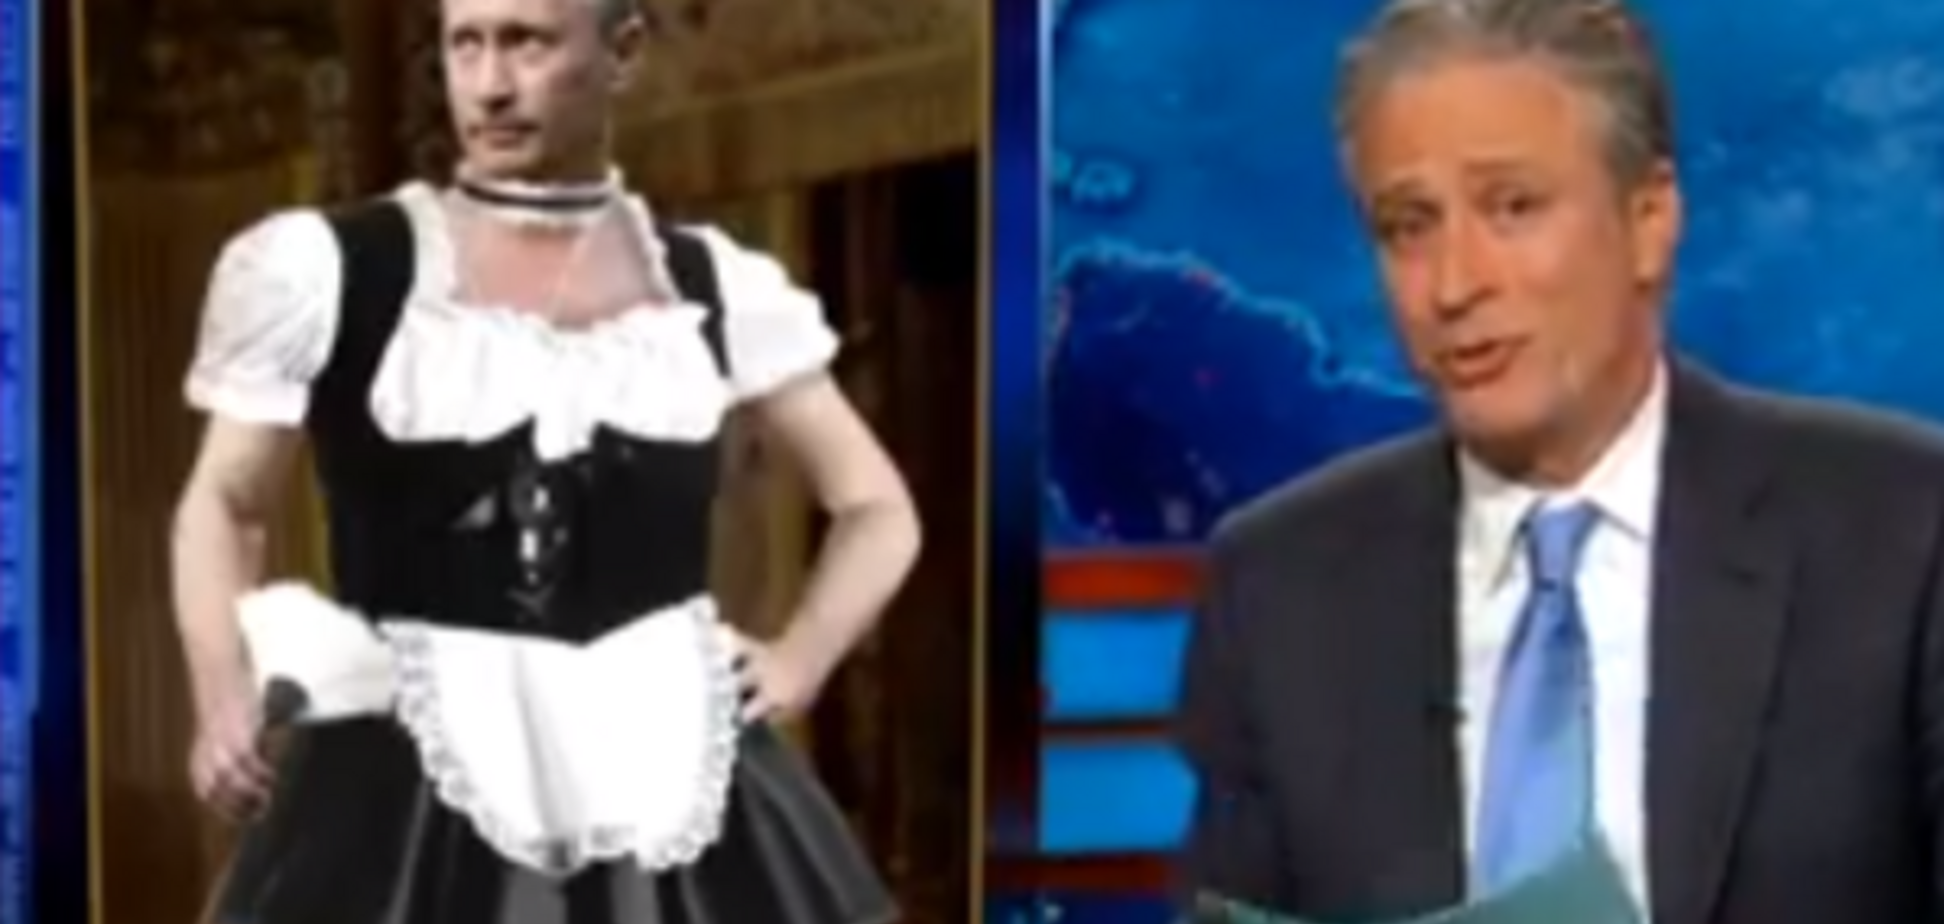 Американское шоу показало Путина в костюме француженки и высмеяло 'аннексию' первой леди Китая